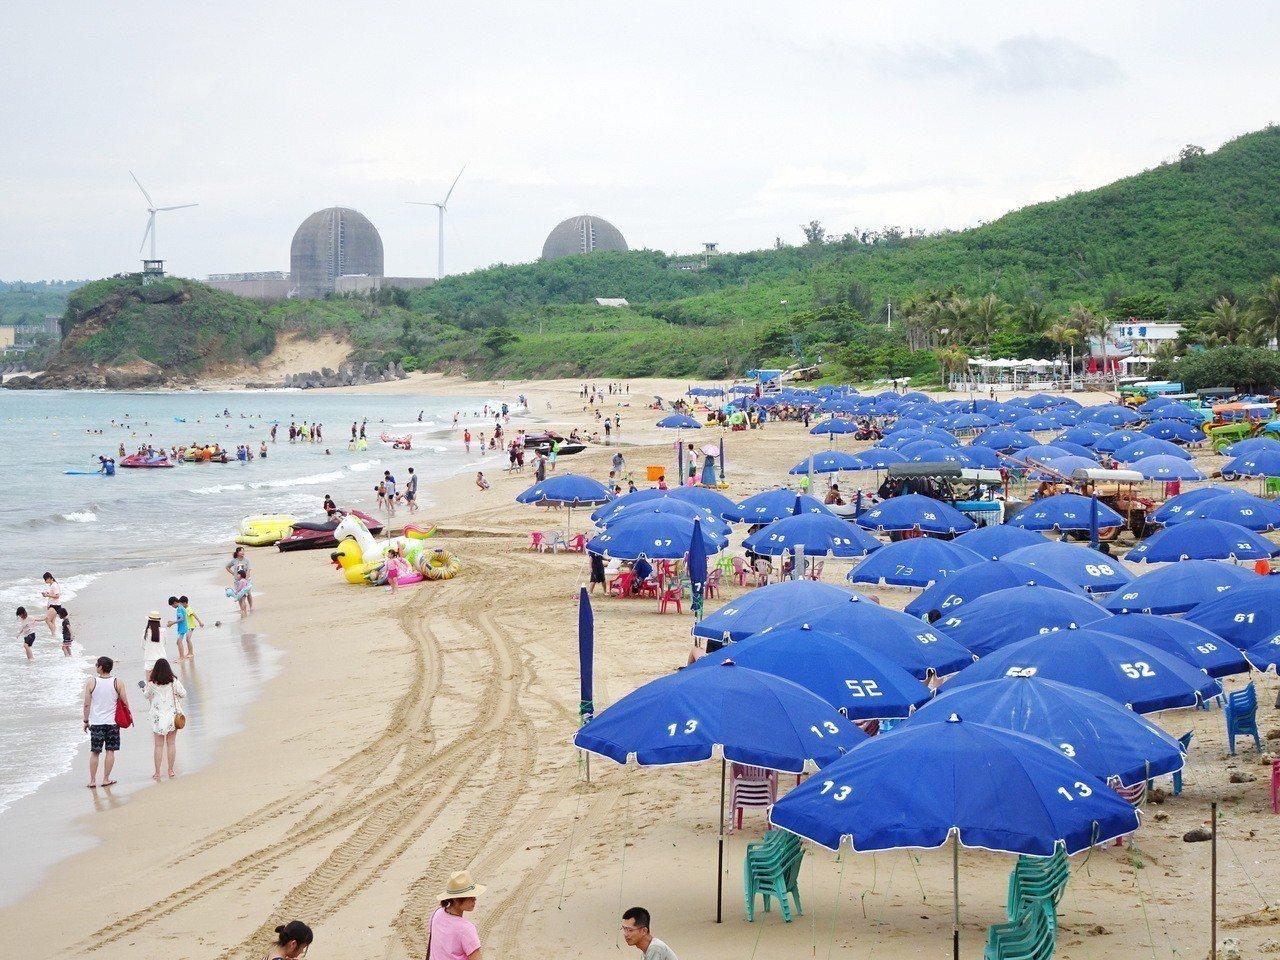 墾丁南灣沙灘上月底統一換上藍色陽傘,最近在地方又掀起顏色「搭不搭調」的論戰。記者...